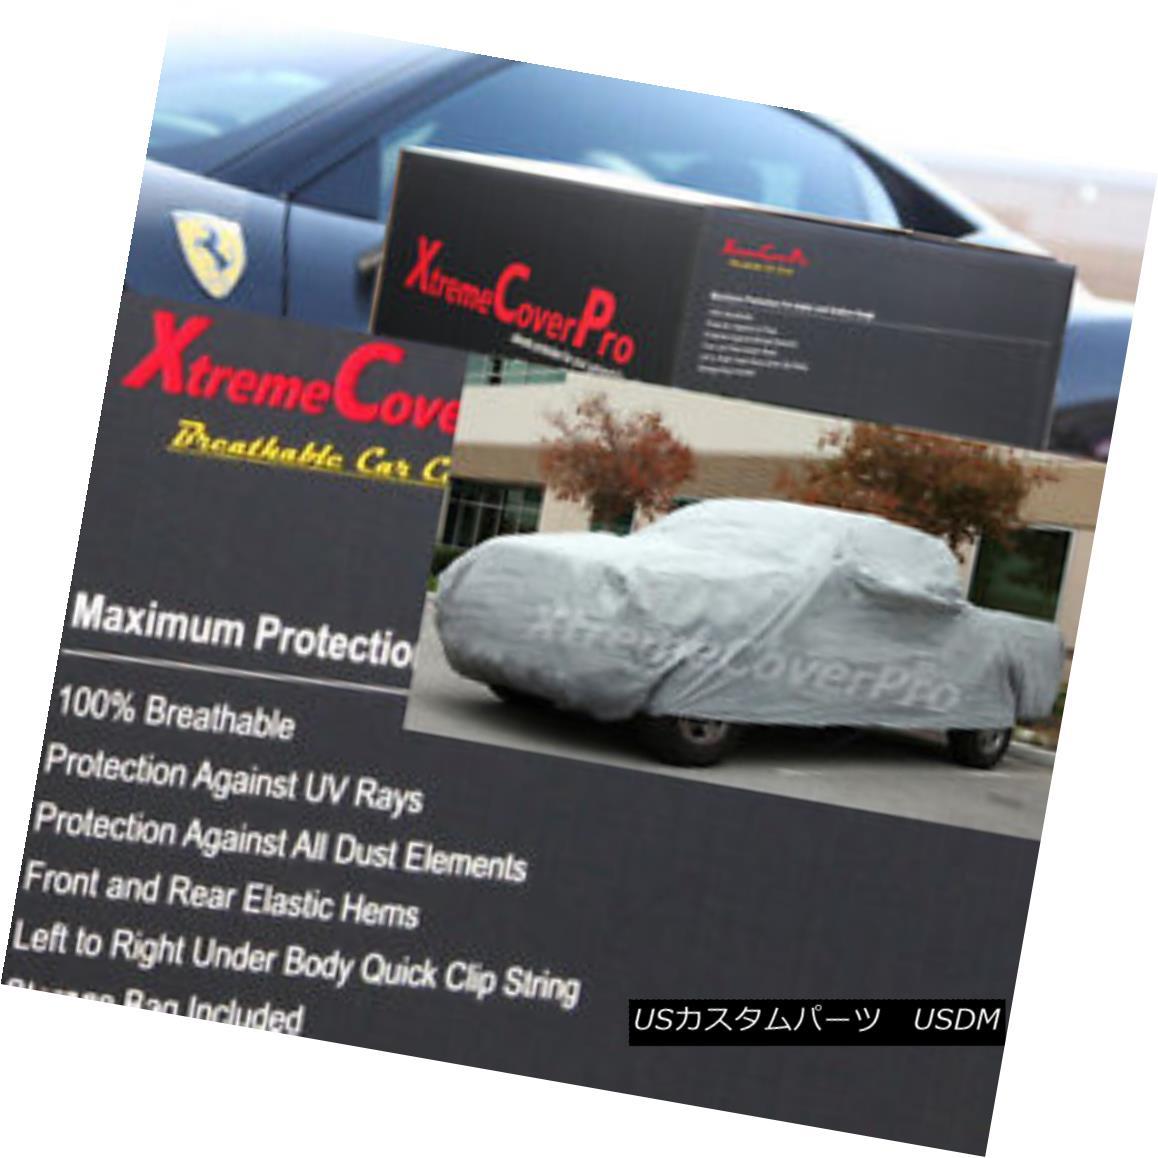 カーカバー 2013 GMC Sierra 2500HD Ext Cab 8ft Long Box Breathable Car Cover 2013 GMC Sierra 2500HDエクステンションキャブ8ftロングボックス通気性車カバー